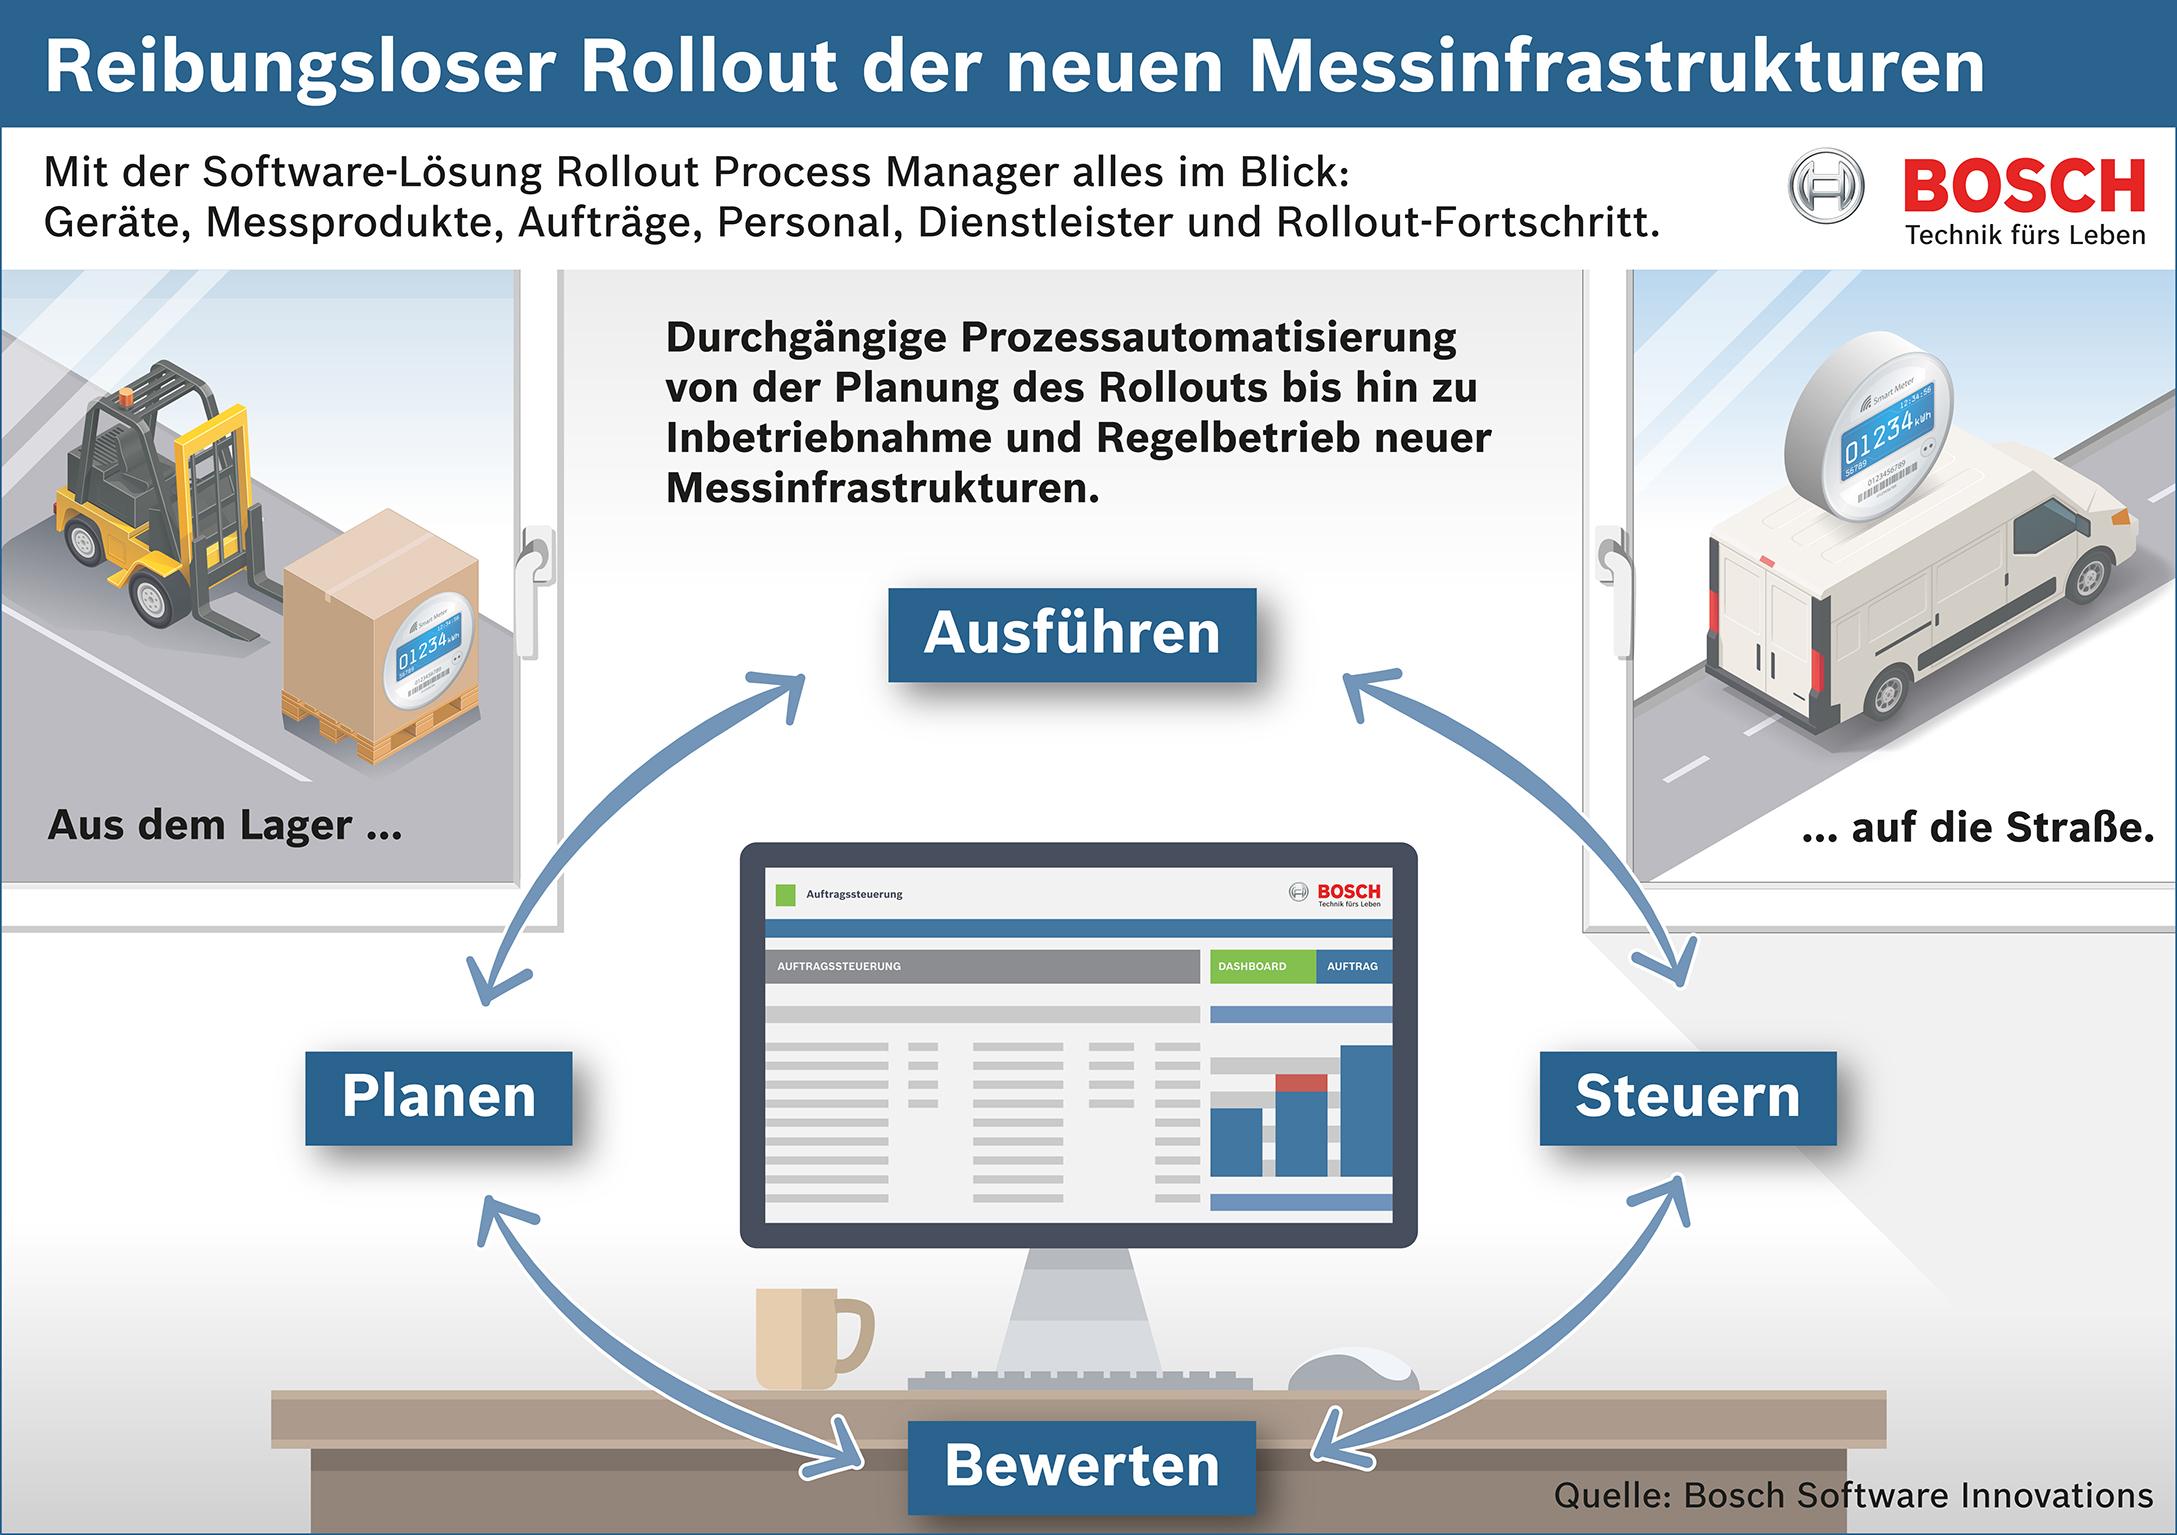 Reibungsloser Rollout der neuen Messinfrastrukturen